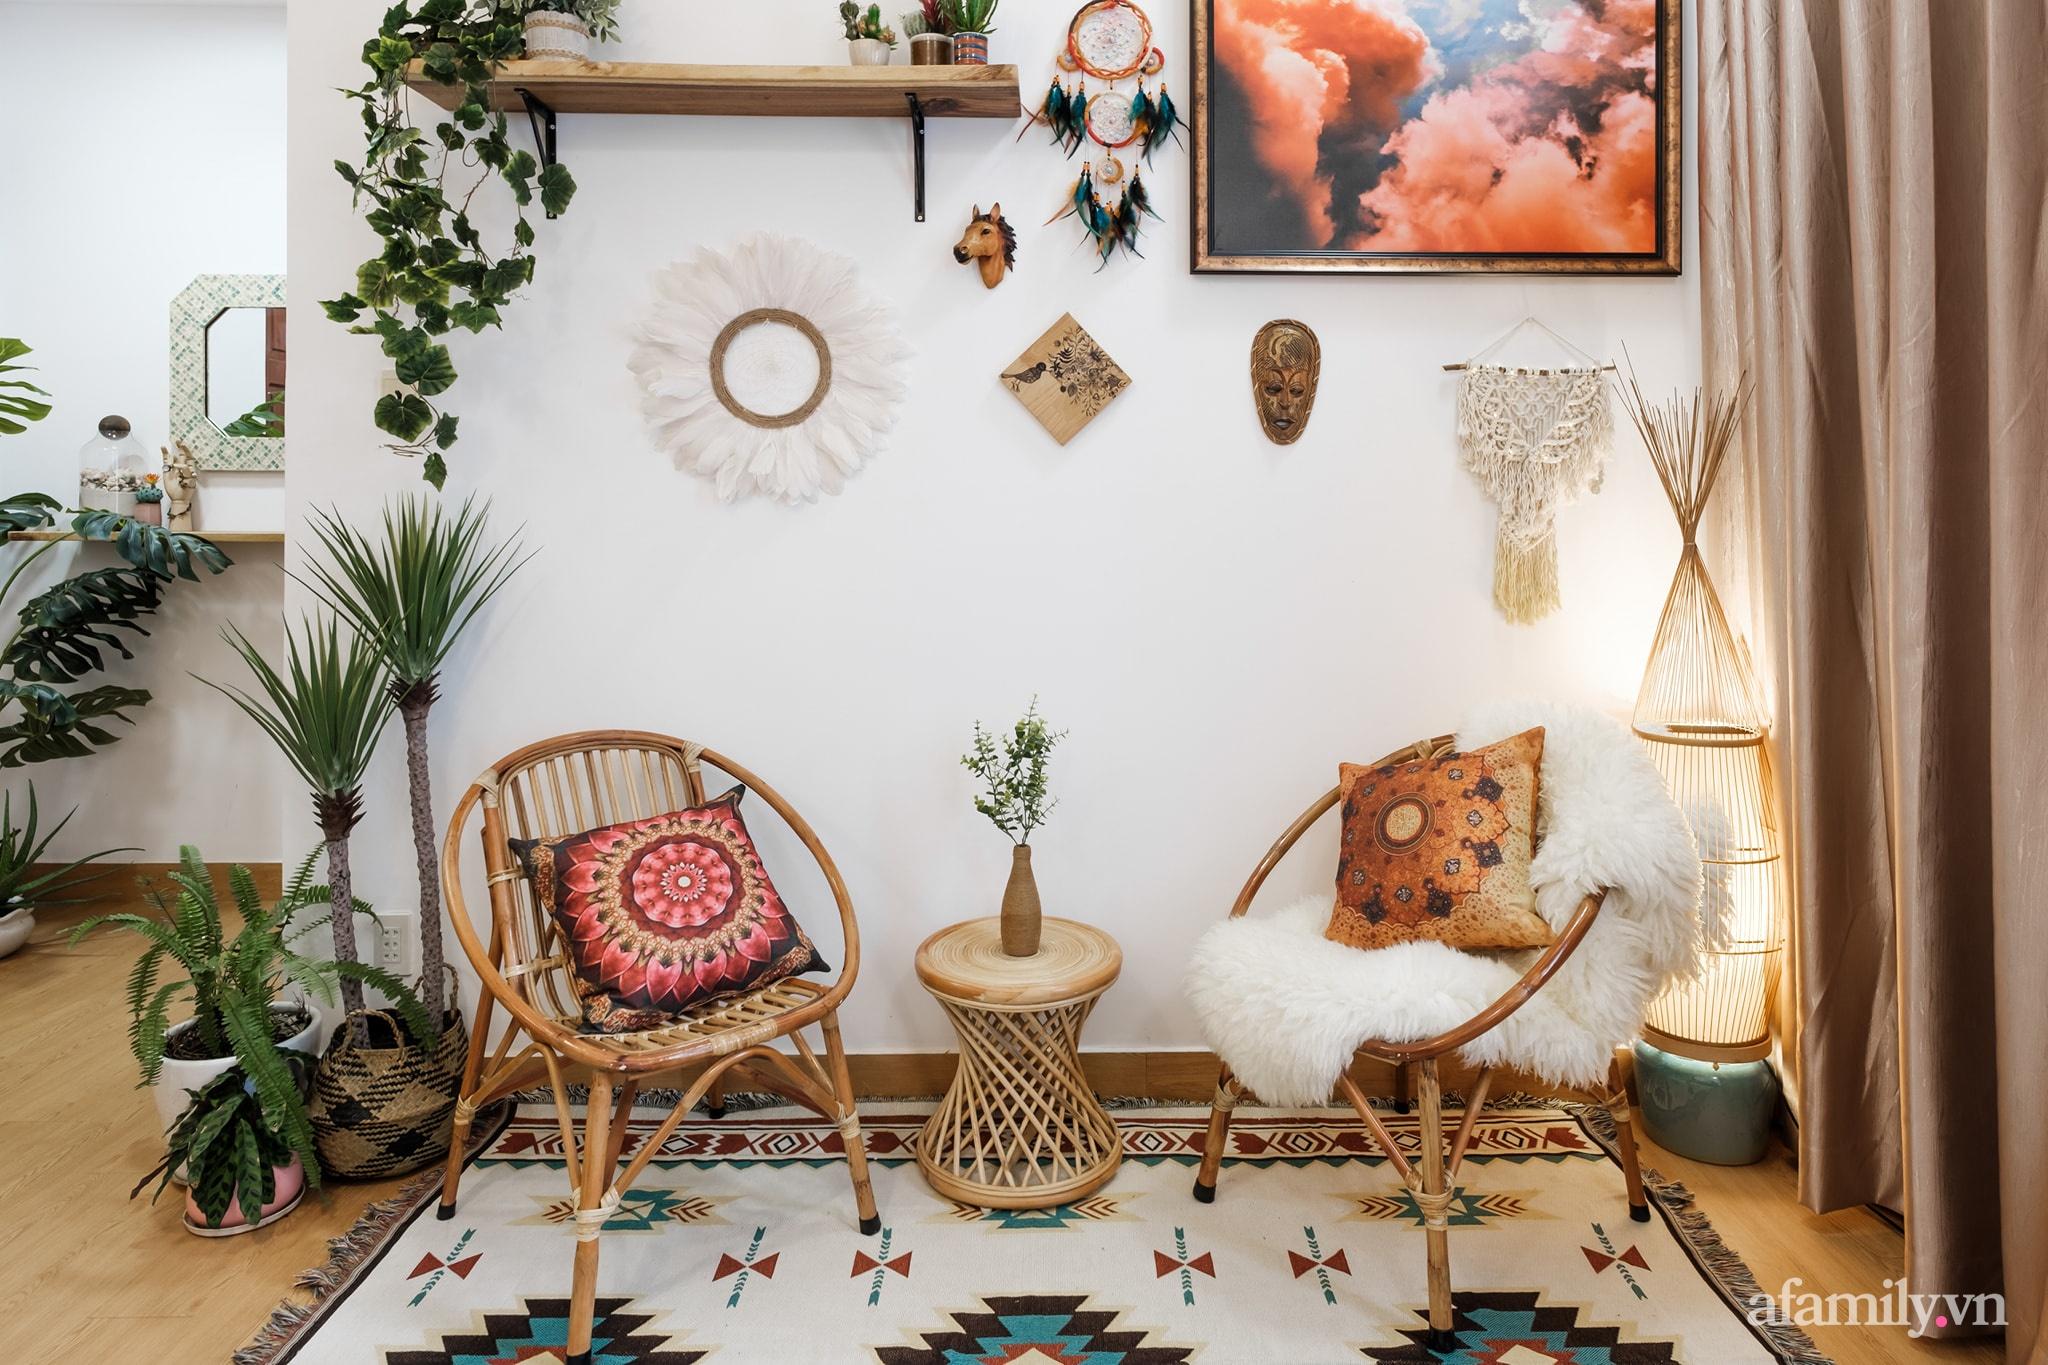 Cải tạo phòng ngủ cũ thành phòng tân hôn đẹp lãng mạn theo phong cách Boho với chi phí décor 50 triệu đồng ở Sài Gòn - Ảnh 12.